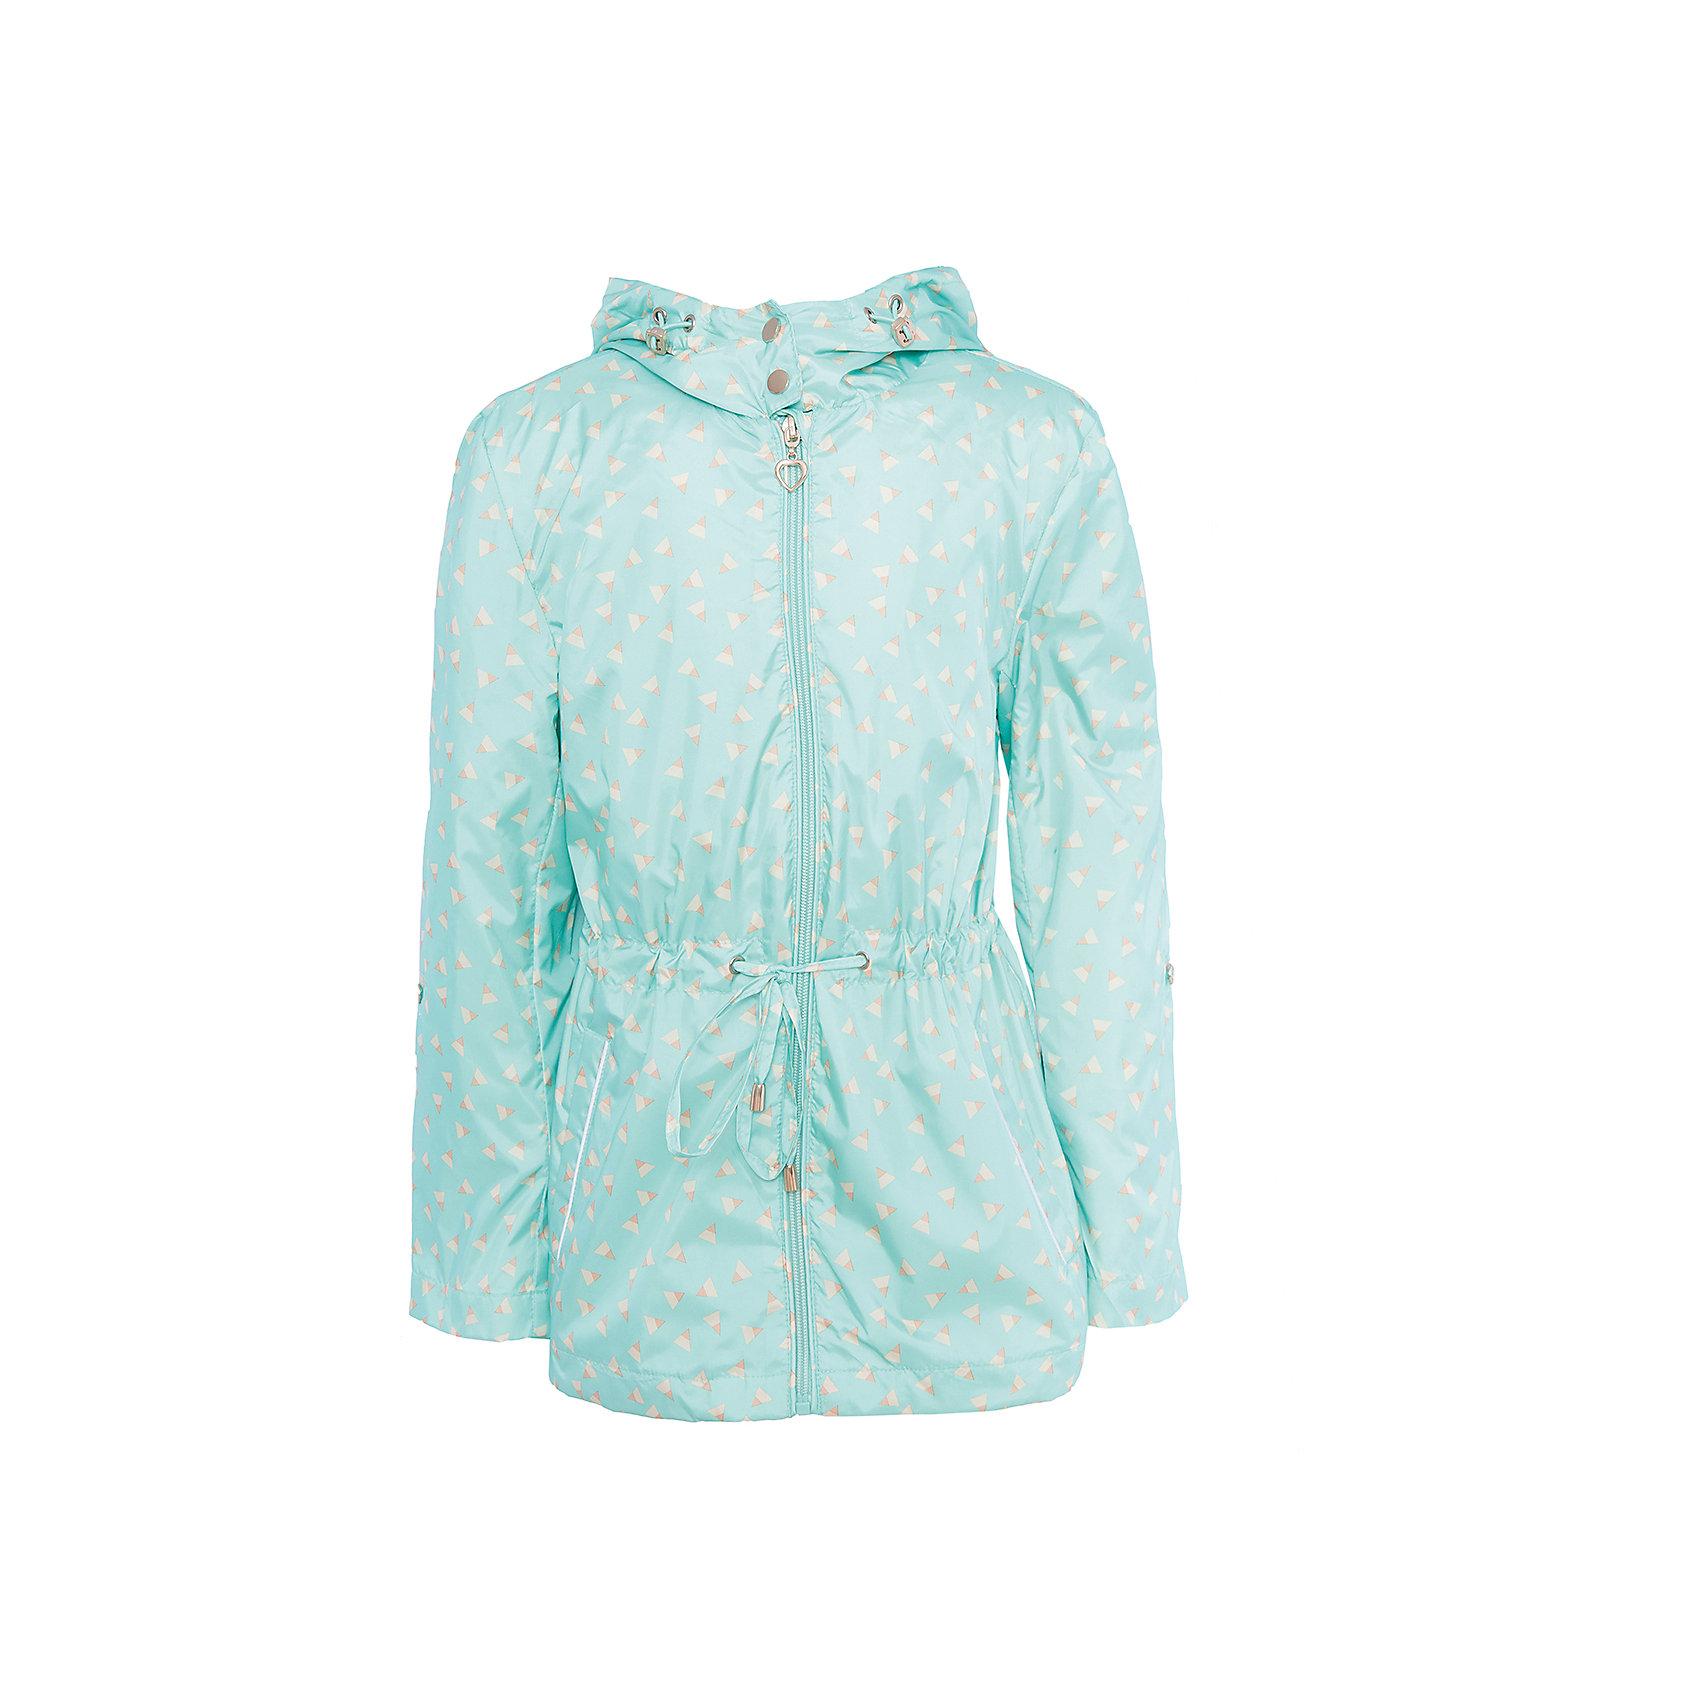 Плащ для девочки SELAВерхняя одежда<br>Характеристики товара:<br><br>• цвет: зеленый<br>• состав: 100% полиэстер; подкладка: 100% хлопок; подкладка рукава: 100% полиэстер<br>• температурный режим: от +10°до +15°С<br>• сезон: лето-весна<br>• модель прямого кроя с кулиской на талии<br>• кулиска по низу<br>• молния<br>• рукава-сафари<br>• принт<br>• капюшон со шнурком, не отстёгивается<br>• светоотражающие детали<br>• два кармана<br>• коллекция весна-лето 2017<br>• страна бренда: Российская Федерация<br>• страна изготовитель: Китай<br><br>Вещи из новой коллекции SELA продолжают радовать удобством! Легкий плащ для девочки поможет разнообразить гардероб ребенка и обеспечить комфорт. Он отлично сочетается с юбками и брюками. Очень стильно смотрится!<br><br>Одежда, обувь и аксессуары от российского бренда SELA не зря пользуются большой популярностью у детей и взрослых! Модели этой марки - стильные и удобные, цена при этом неизменно остается доступной. Для их производства используются только безопасные, качественные материалы и фурнитура. Новая коллекция поддерживает хорошие традиции бренда! <br><br>Плащ для девочки от популярного бренда SELA (СЕЛА) можно купить в нашем интернет-магазине.<br><br>Ширина мм: 356<br>Глубина мм: 10<br>Высота мм: 245<br>Вес г: 519<br>Цвет: зеленый<br>Возраст от месяцев: 84<br>Возраст до месяцев: 96<br>Пол: Женский<br>Возраст: Детский<br>Размер: 128,140,152,116<br>SKU: 5305193